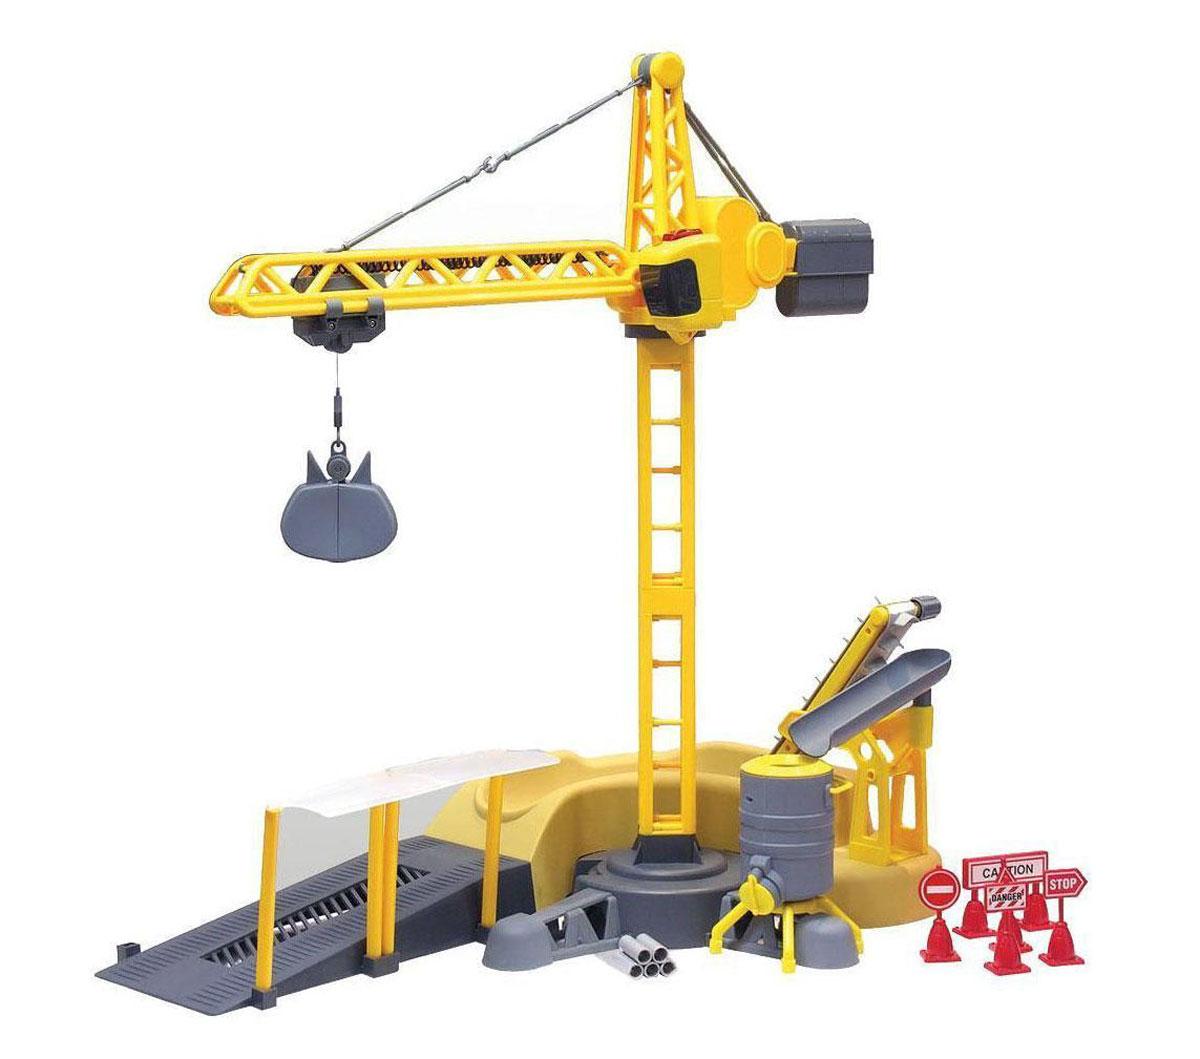 Silverlit Игровой набор на радиоуправлении Строительная площадка81117CИгровой набор на радиоуправлении Строительная площадка обязательно привлечет внимание вашего ребенка и понравится любому, кто увлекается строительной техникой. В наборе представлен подъемный кран и разнообразные аксессуары, без которых невозможно настоящее строительство. С помощью удобного пульта управления, кран поворачивает лебедку, цепляет груз и поднимает его. Движения крана сопровождаются звуковыми и световыми эффектами. Красивый дизайн и мощный двигатель позволяют получить максимум позитивных эмоций от игры. Радиоуправляемые игрушки способствуют развитию координации движений, моторики и ловкости. Ваш ребенок часами будет играть с набором, придумывая различные истории. Порадуйте его таким замечательным подарком! Игрушка работает от 3 батареек ААА (не входят в комплект). Пульт управления работает от 3 батареек АА (не входят в комплект).